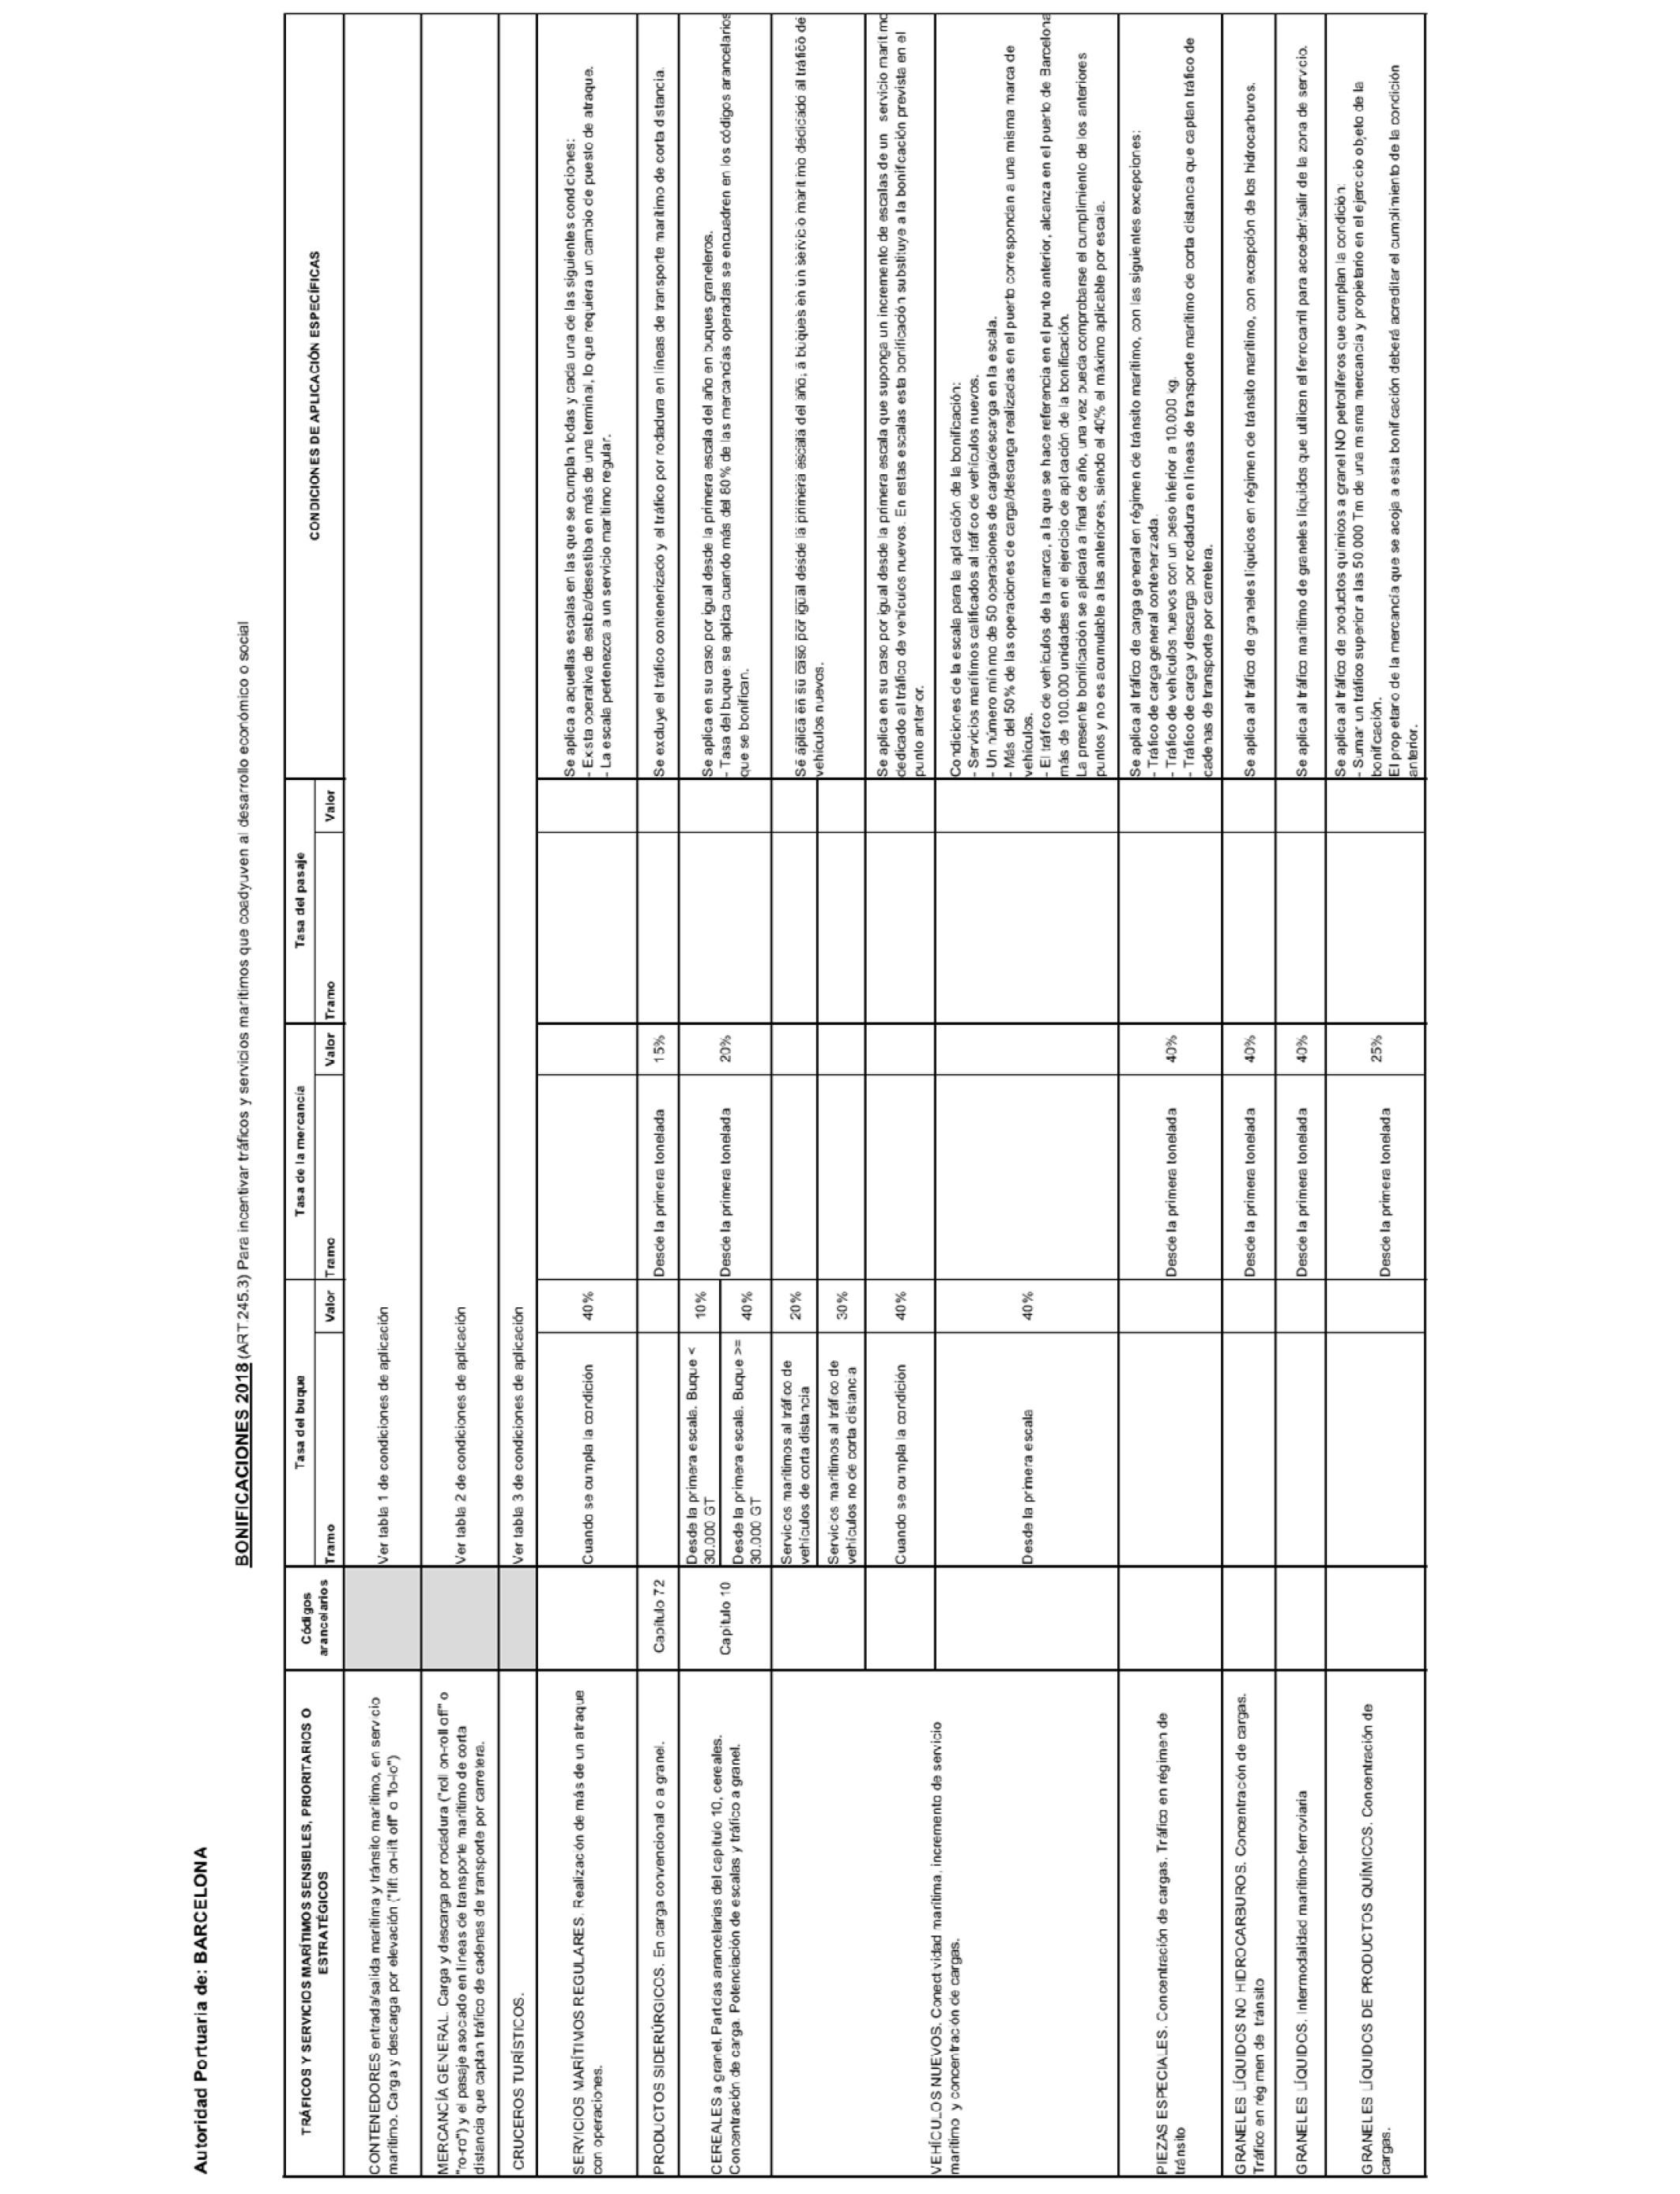 Calendario Laboral Oficial Barcelona 2019 Más Populares Boe Documento Consolidado Boe A 2018 9268 Of Calendario Laboral Oficial Barcelona 2019 Más Recientes Boe Documento Consolidado Boe A 2018 9268